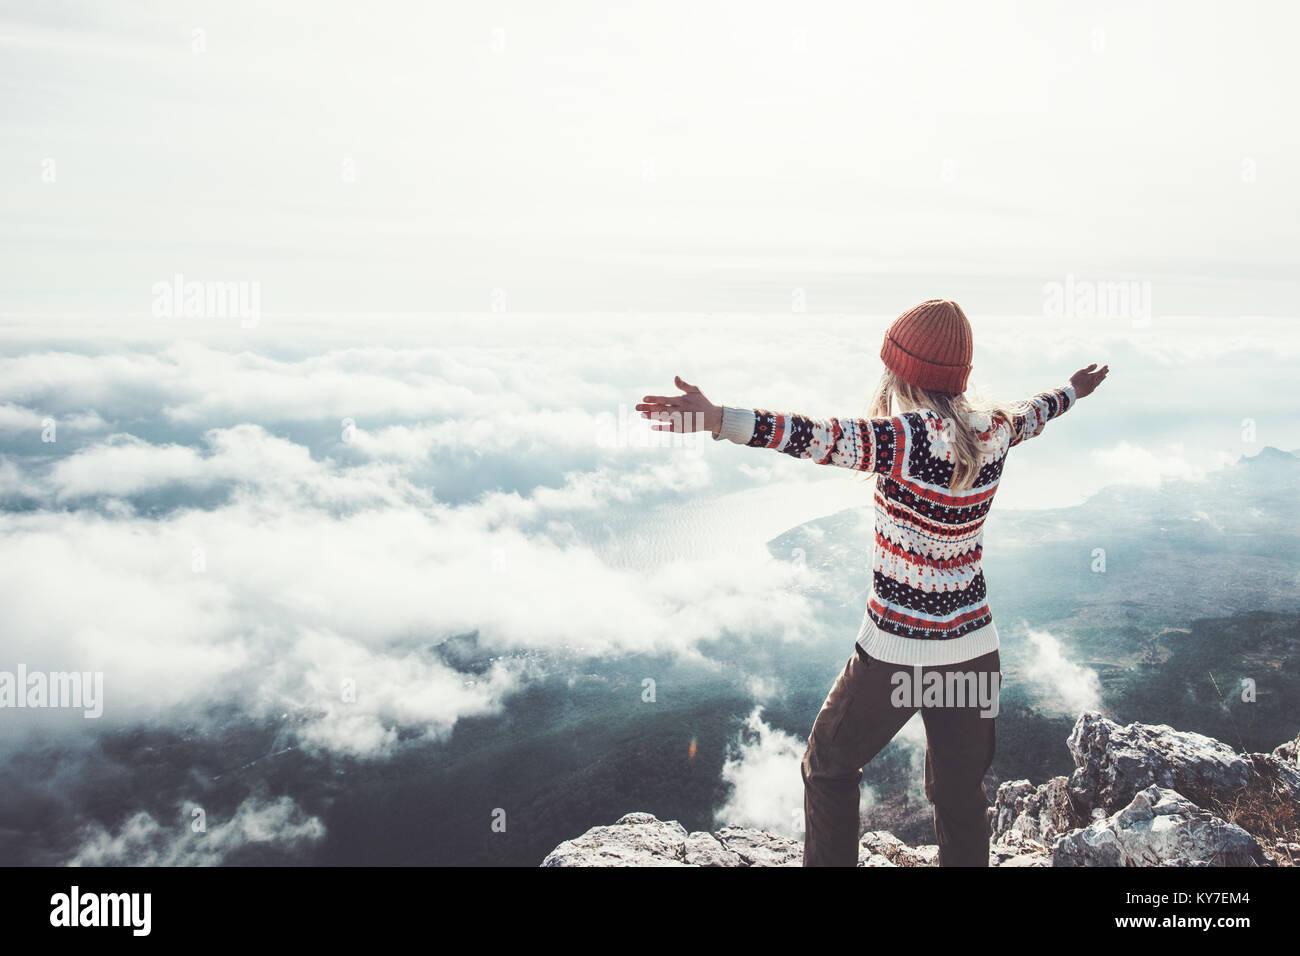 Happy woman traveler sur la montagne de mains levées style Voyage aventure concept réussite vacances active Photo Stock